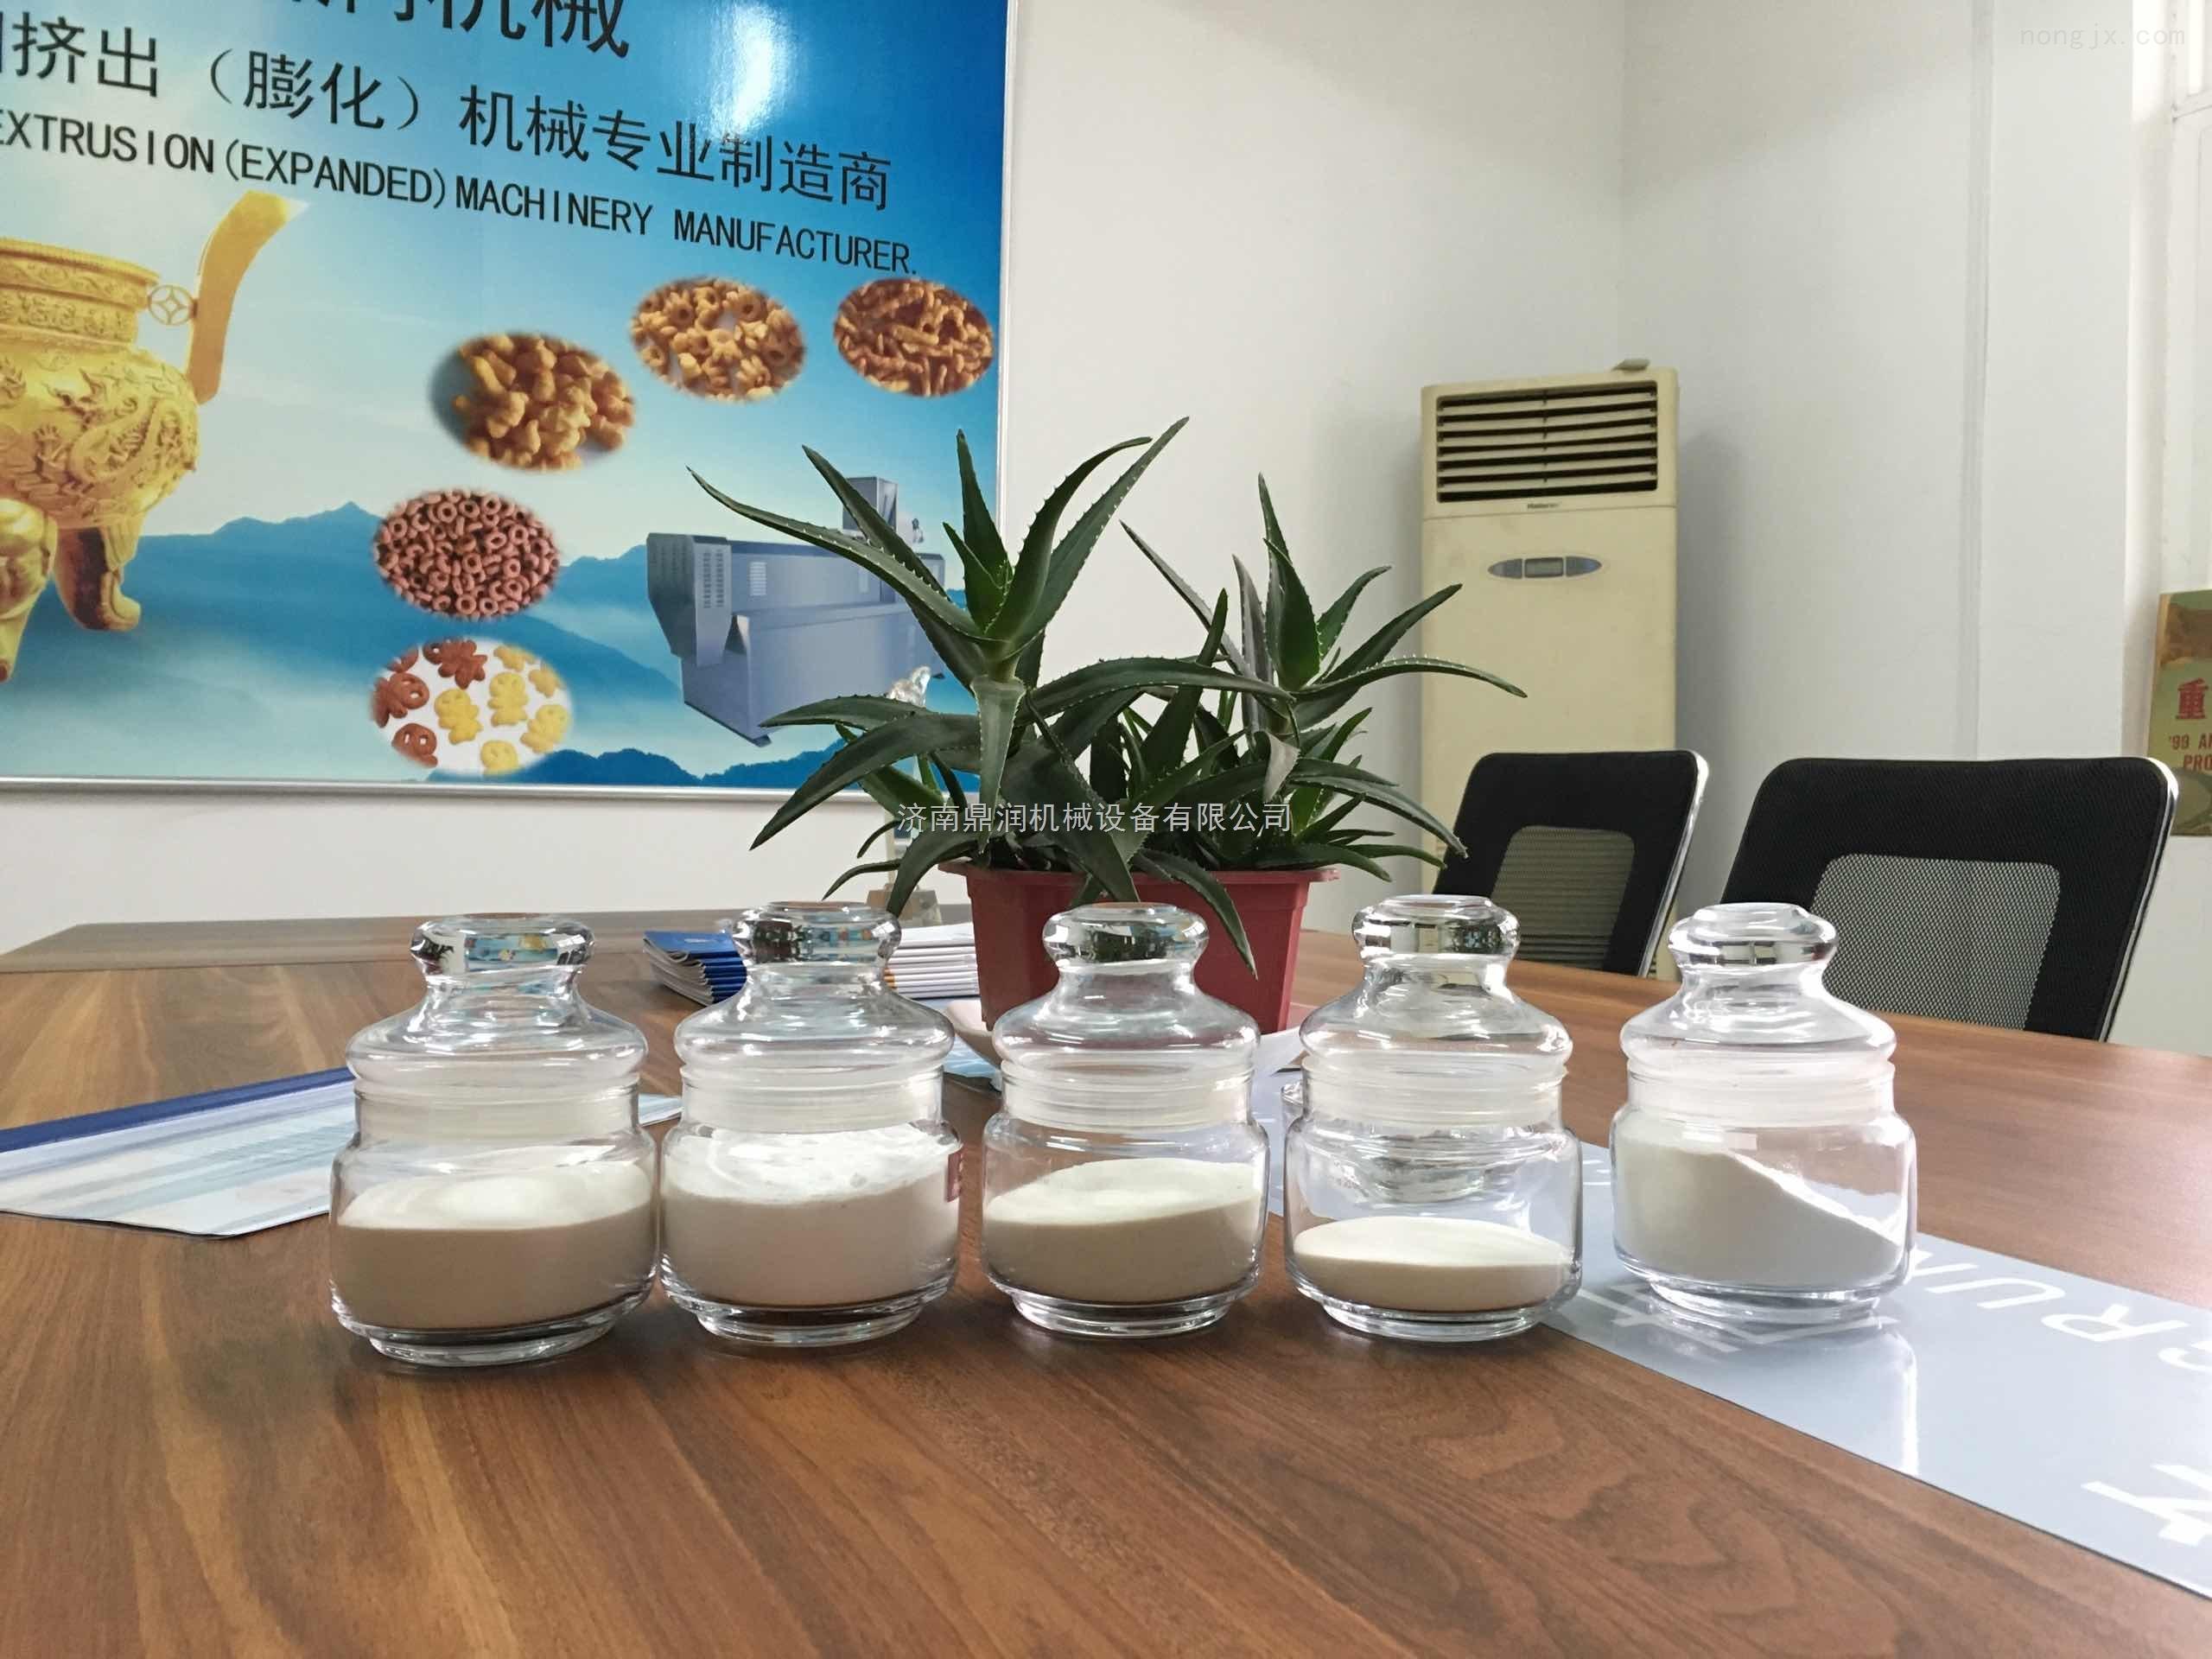 高产量变性淀粉生产设备